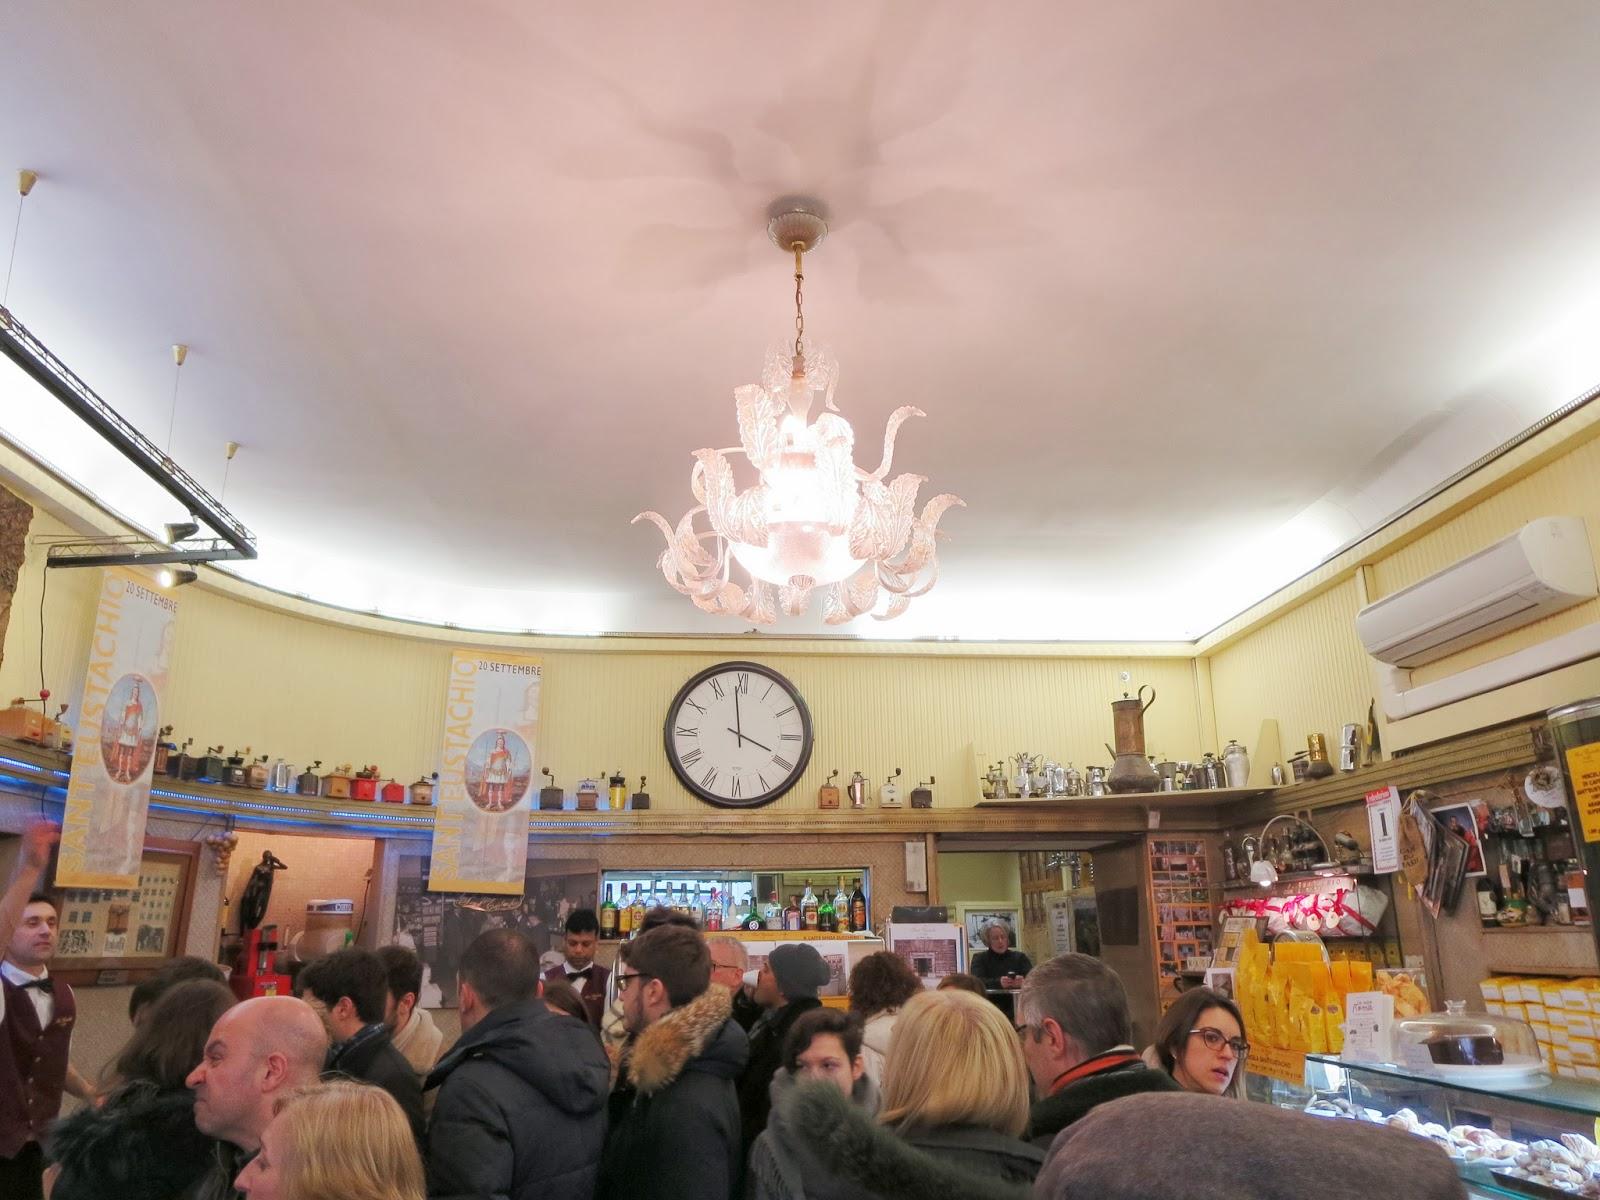 Sant'Eustachio Il Caffè in Rome, Italy